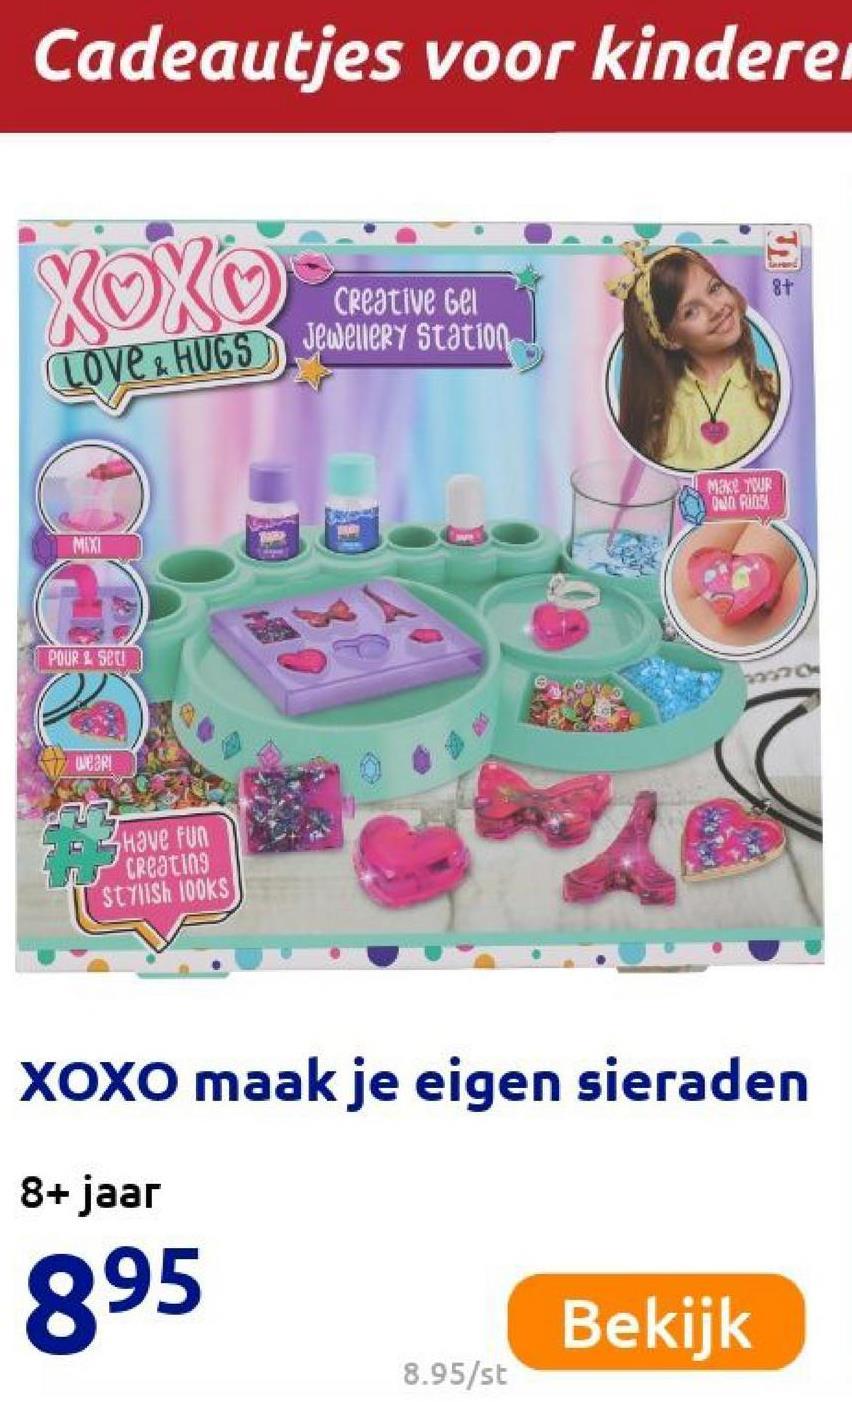 Cadeautjes voor kindere 8+ XOXO Creative Gel love . HUGS Jewellery Station Make WR 000 Ring MIXI POUR . Sell Wear! Have fun creating stylish 100KS XOXO maak je eigen sieraden 8+ jaar 895 Bekijk 8.95/st